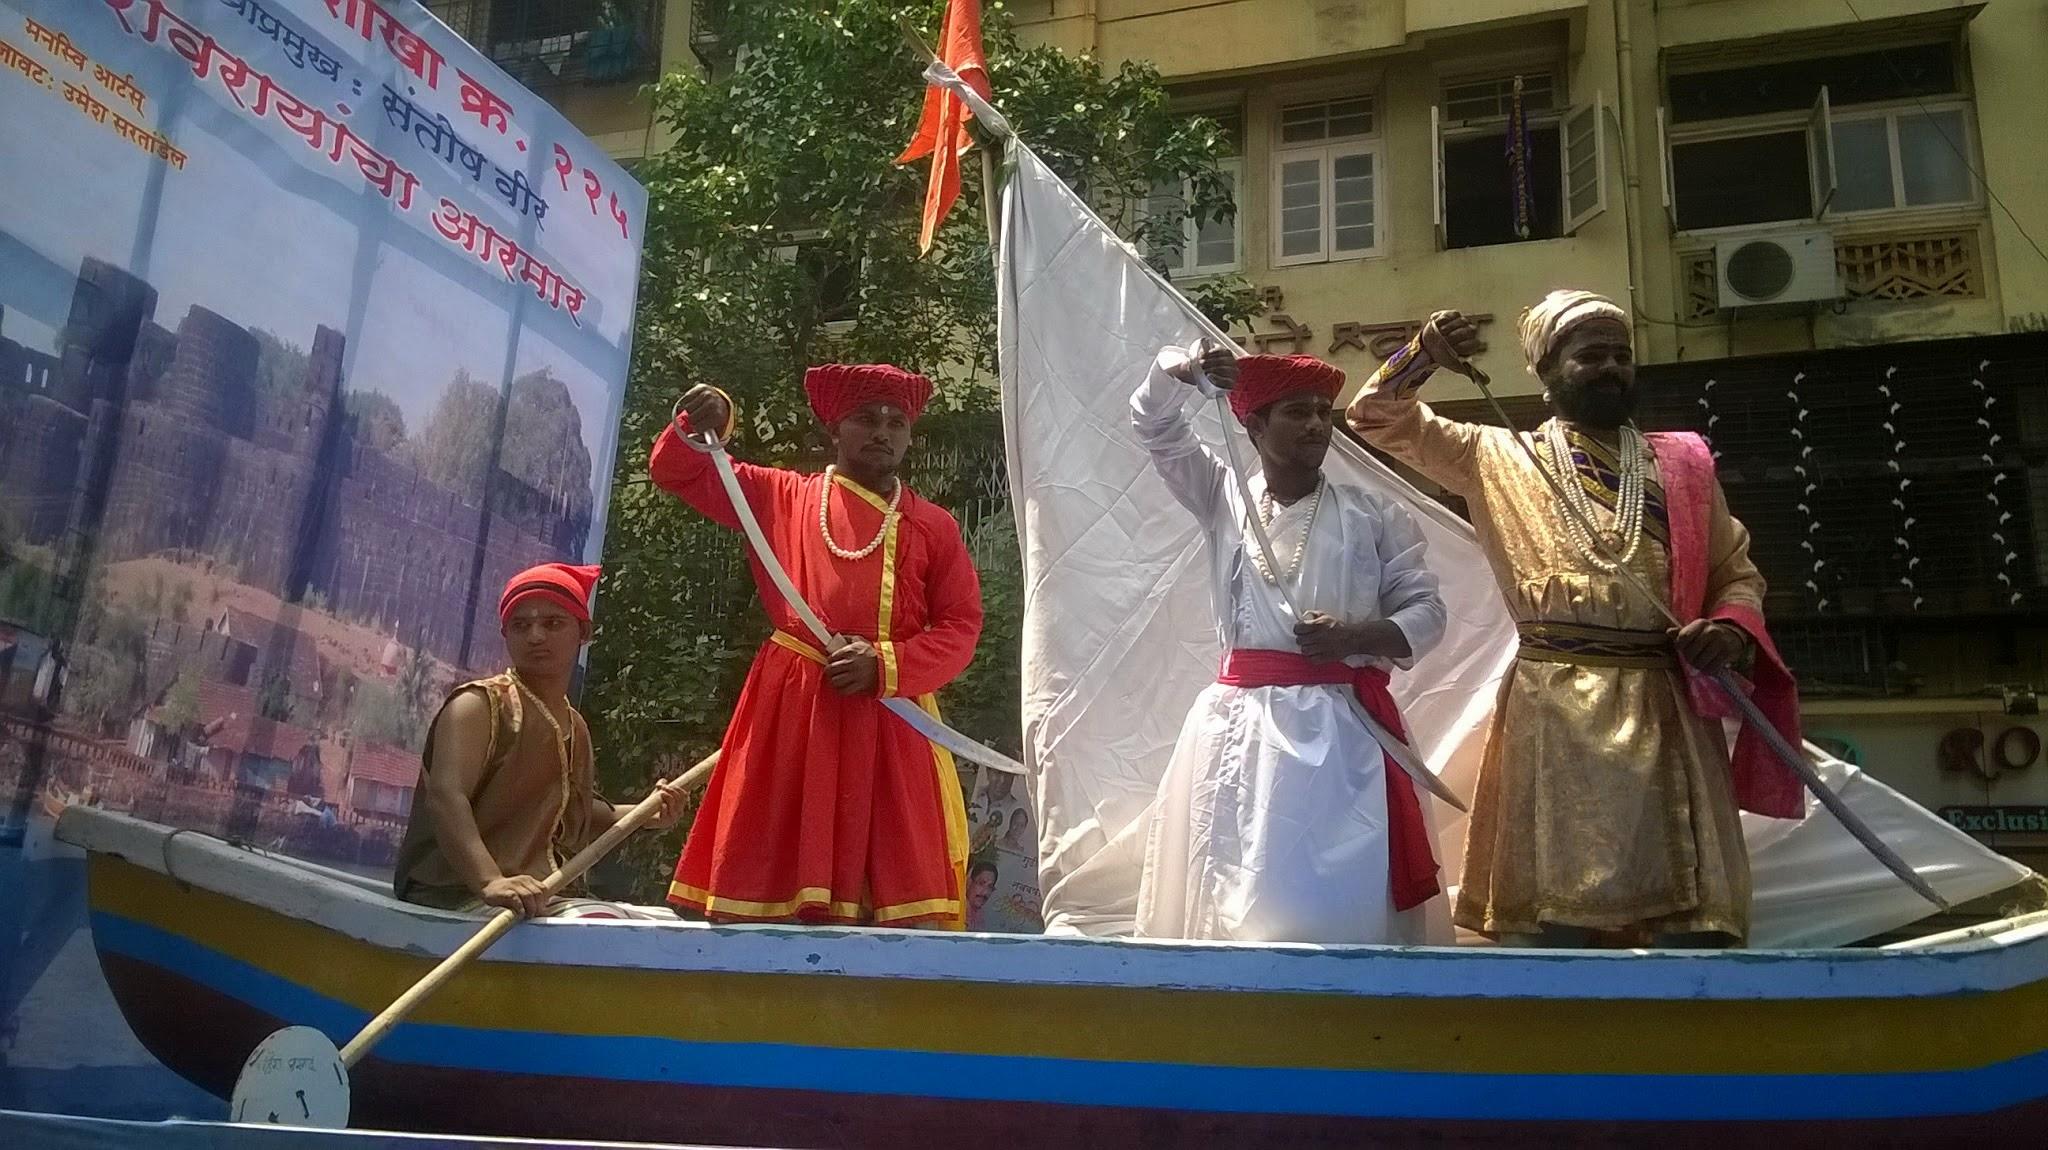 Gudhi padva Procession